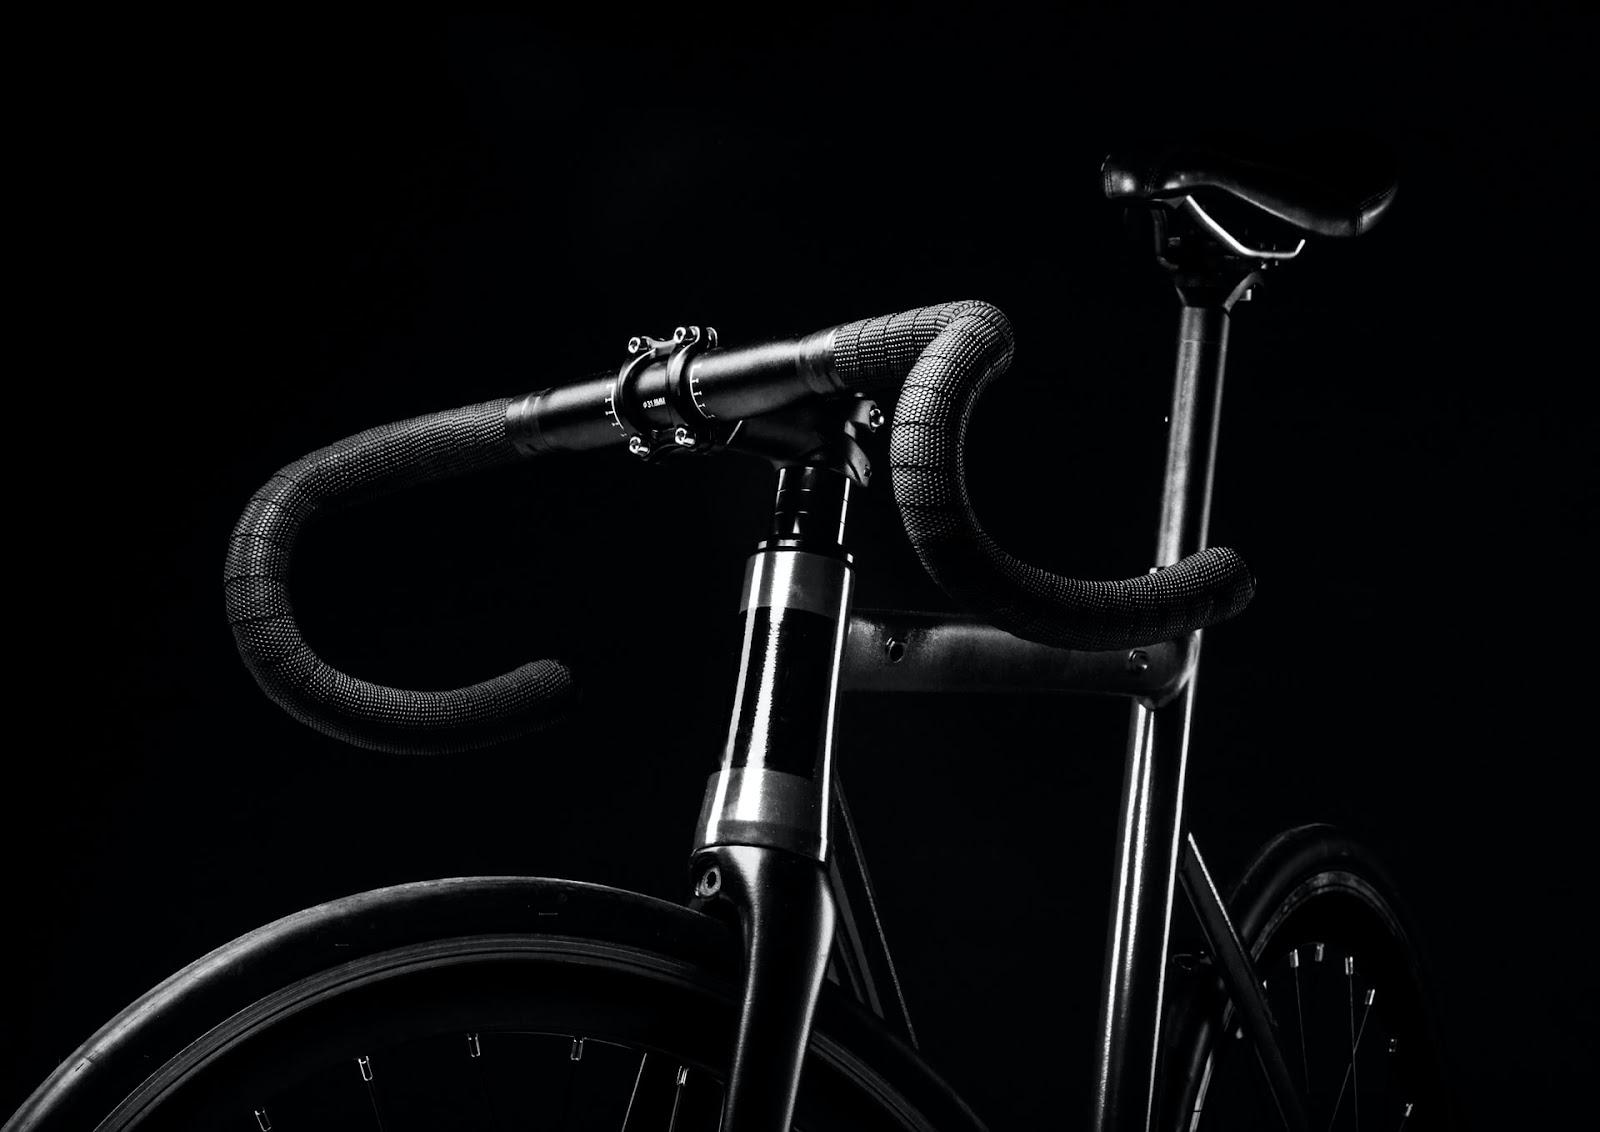 low key bicycle